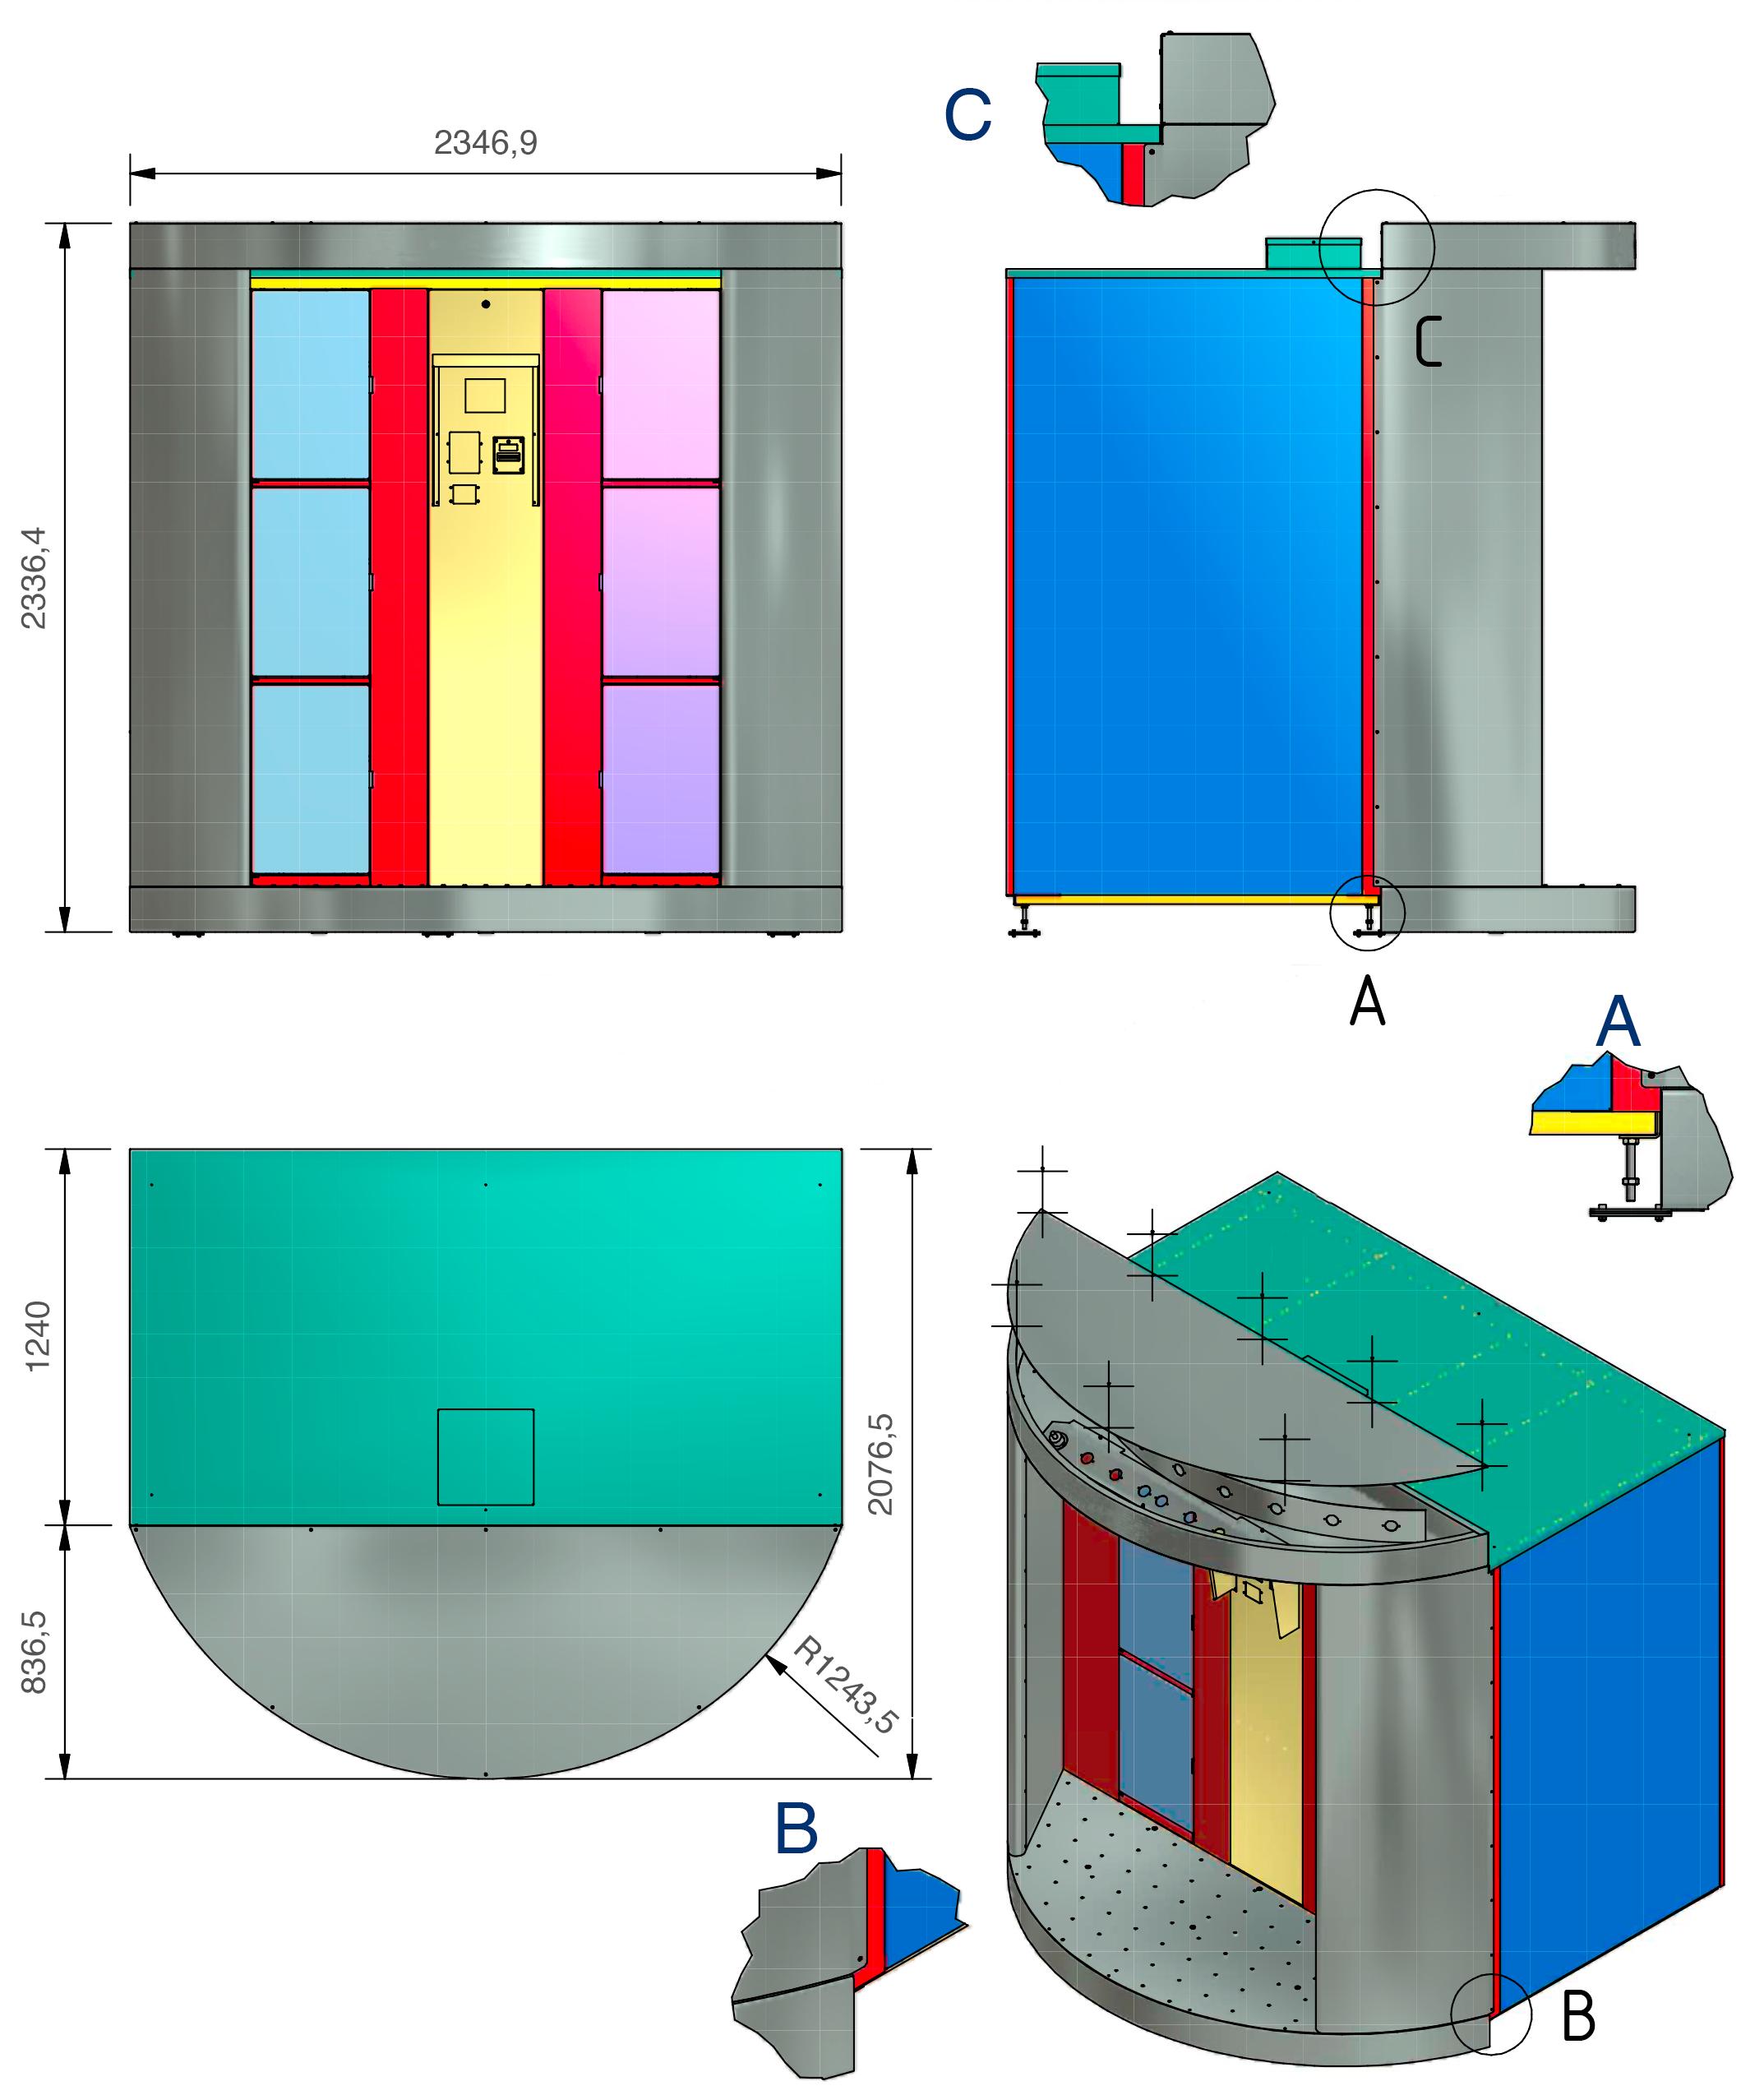 GasAutomat schemat v3.png